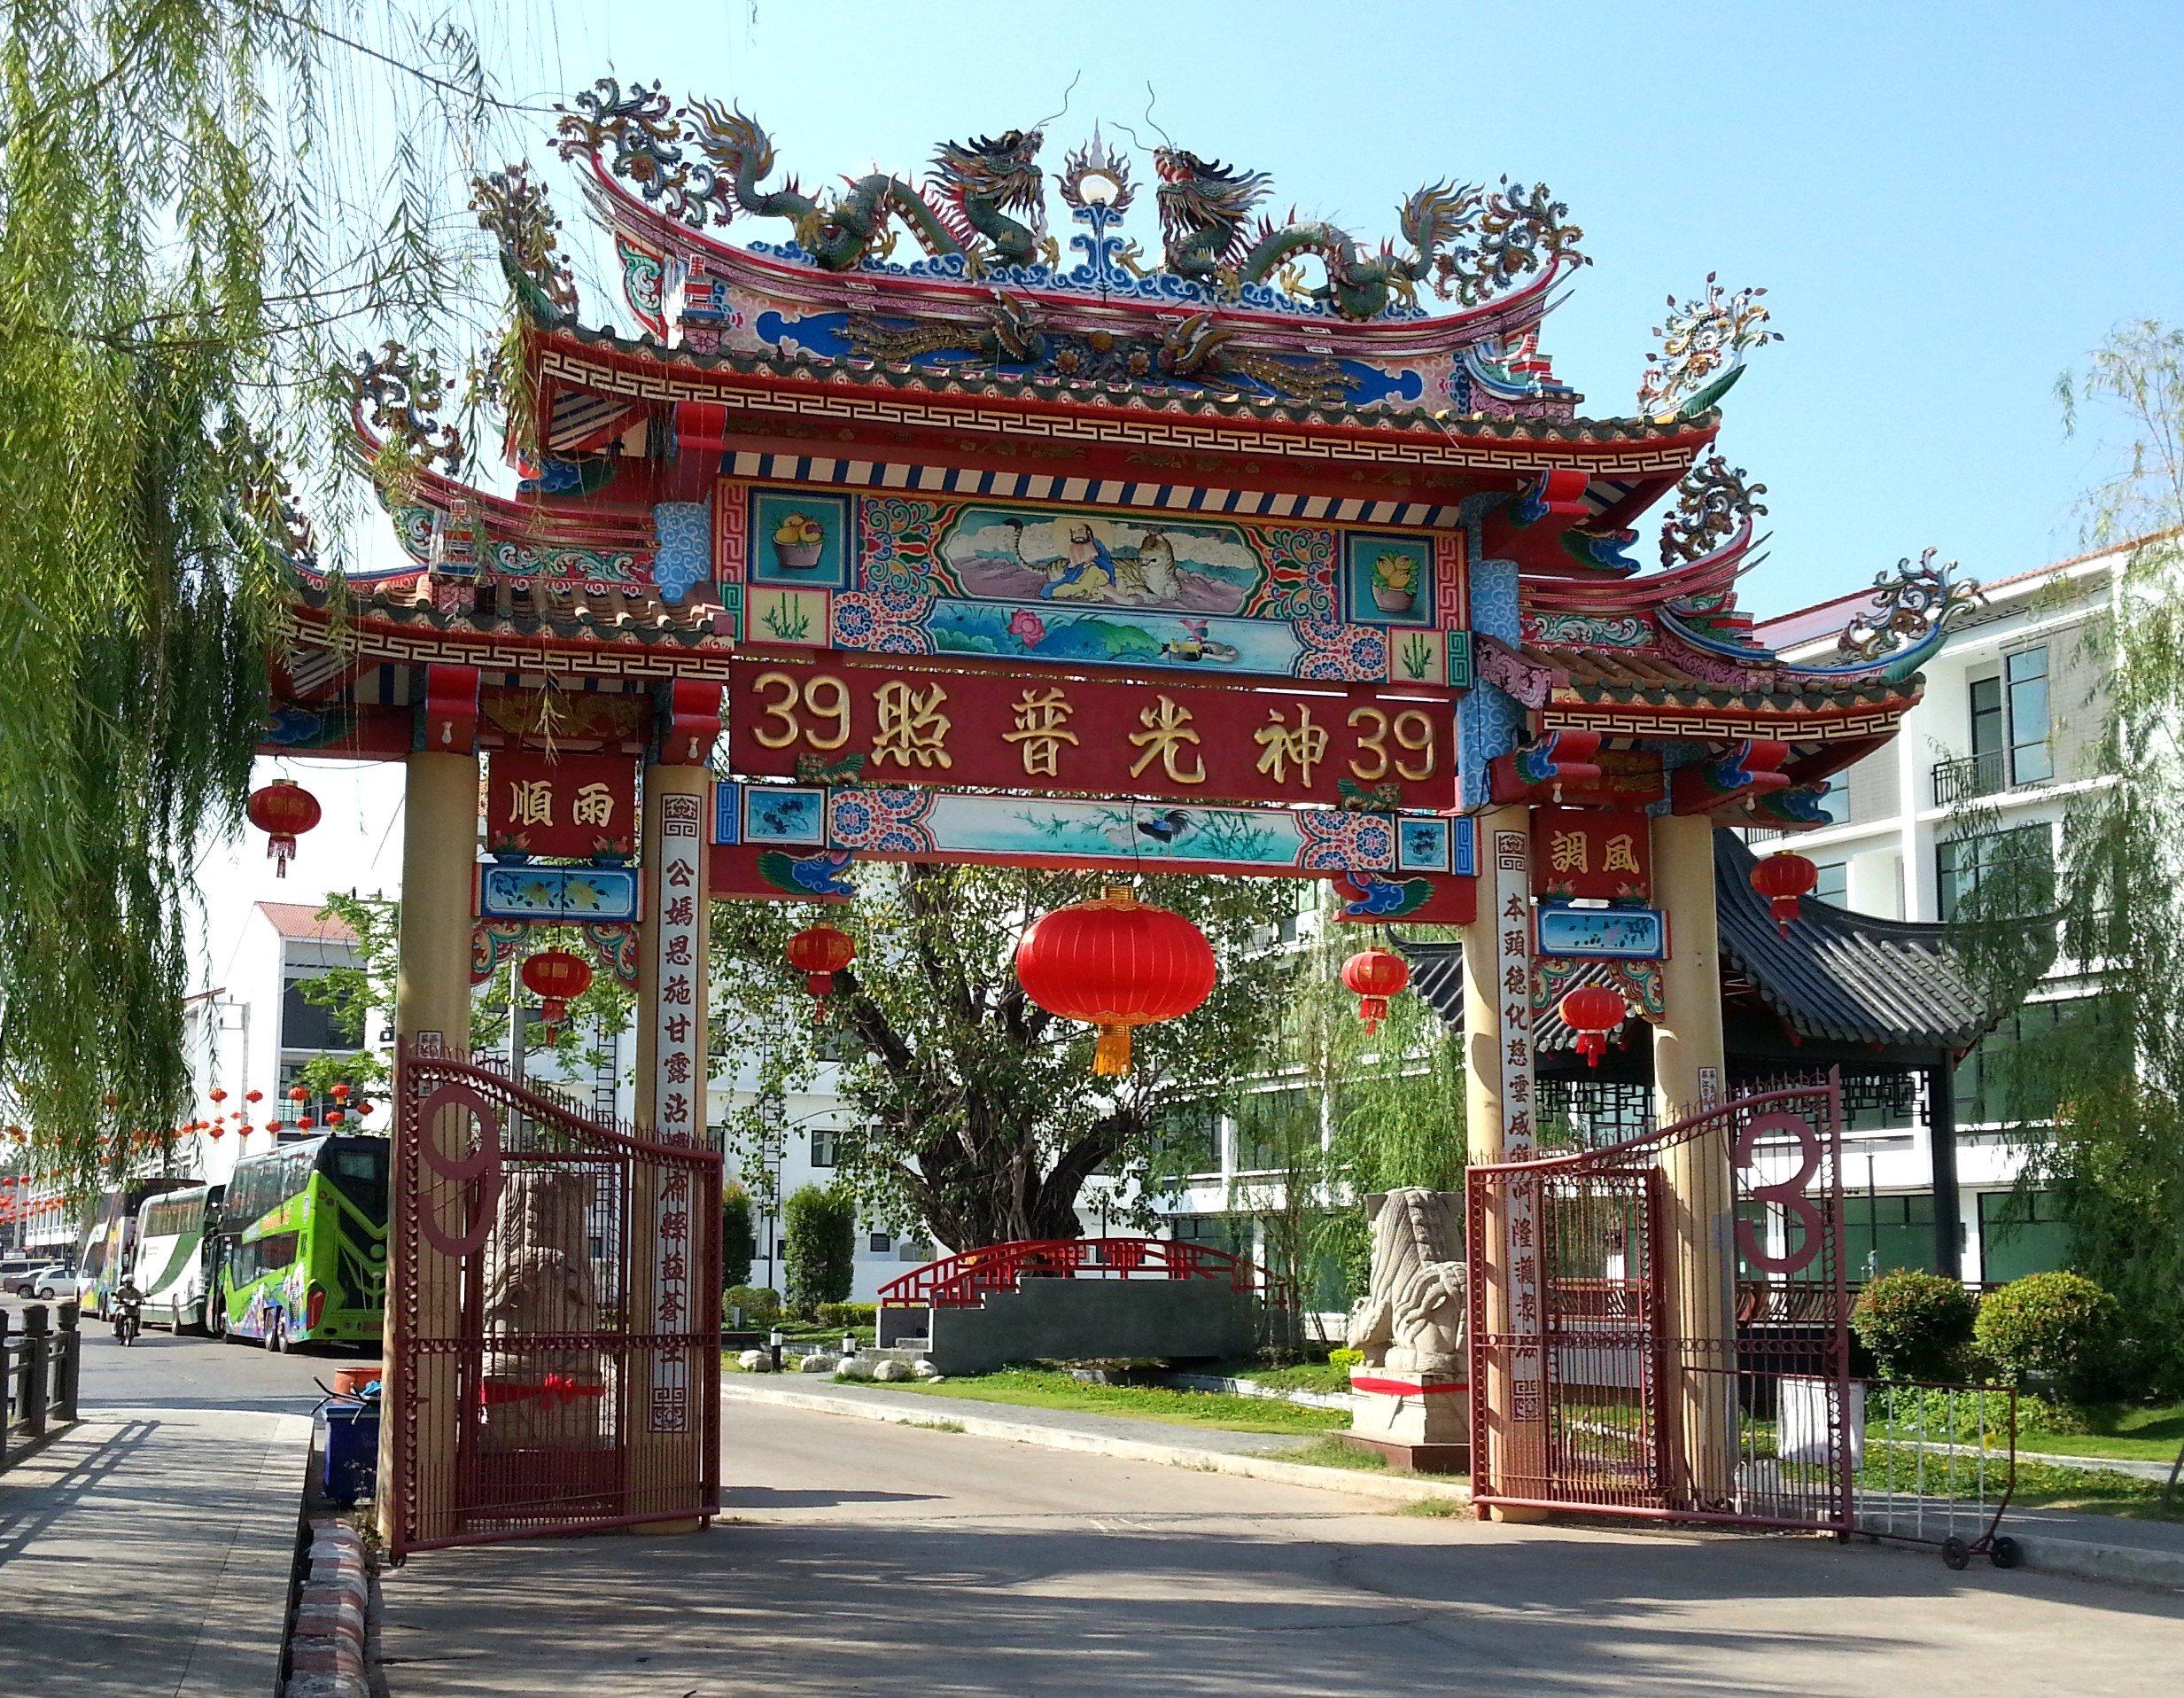 Gate to the Chao Pu-Ya Shrine